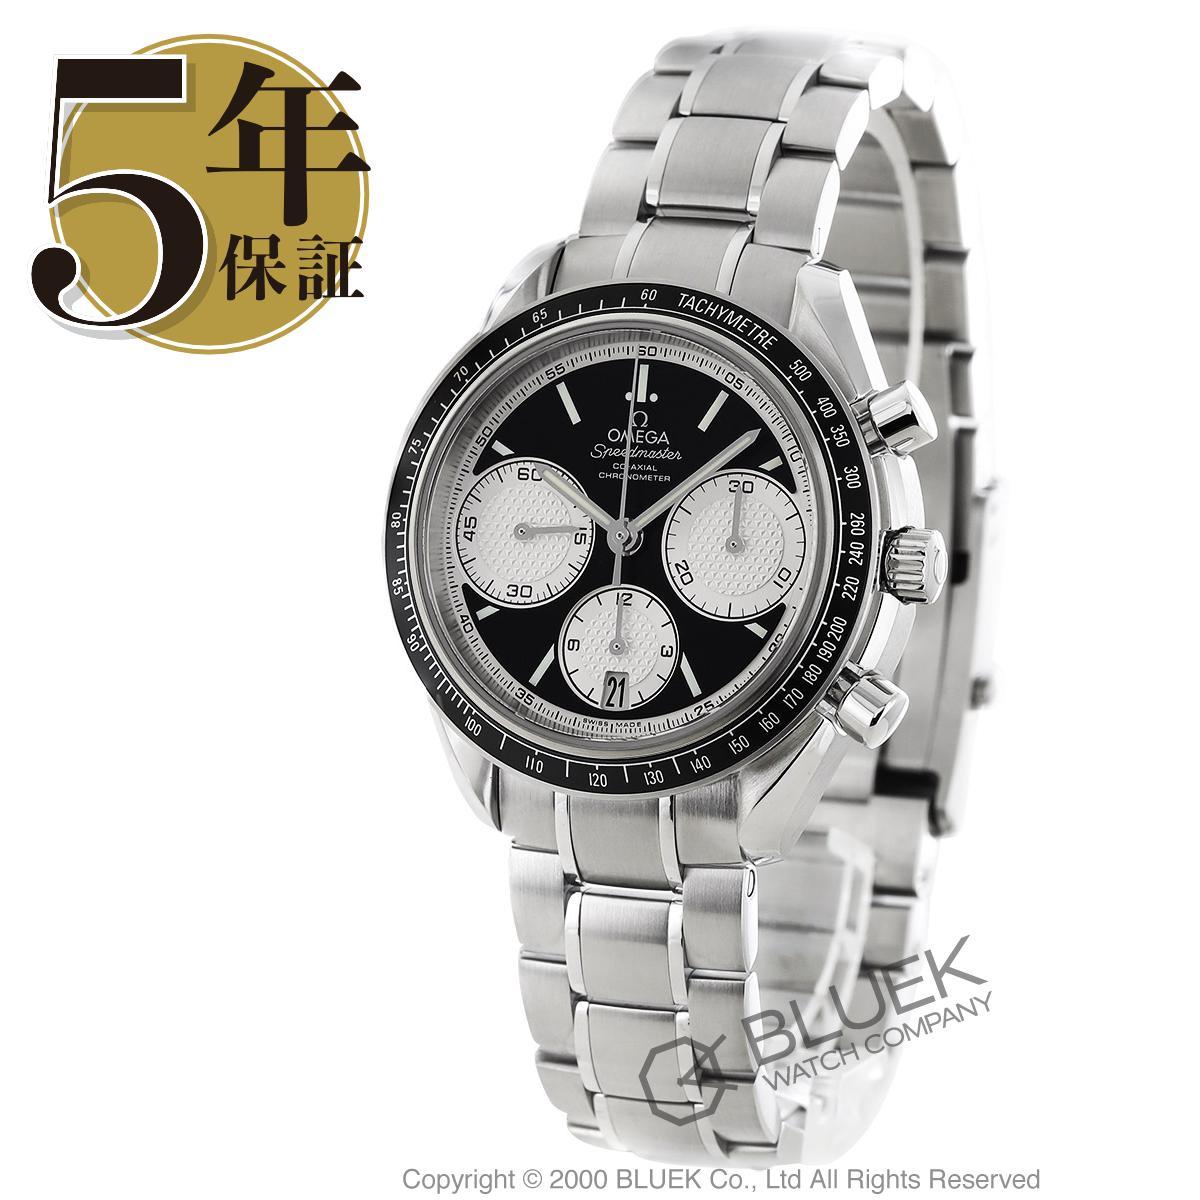 オメガ スピードマスター レーシング クロノグラフ 腕時計 メンズ OMEGA 326.30.40.50.01.002_5